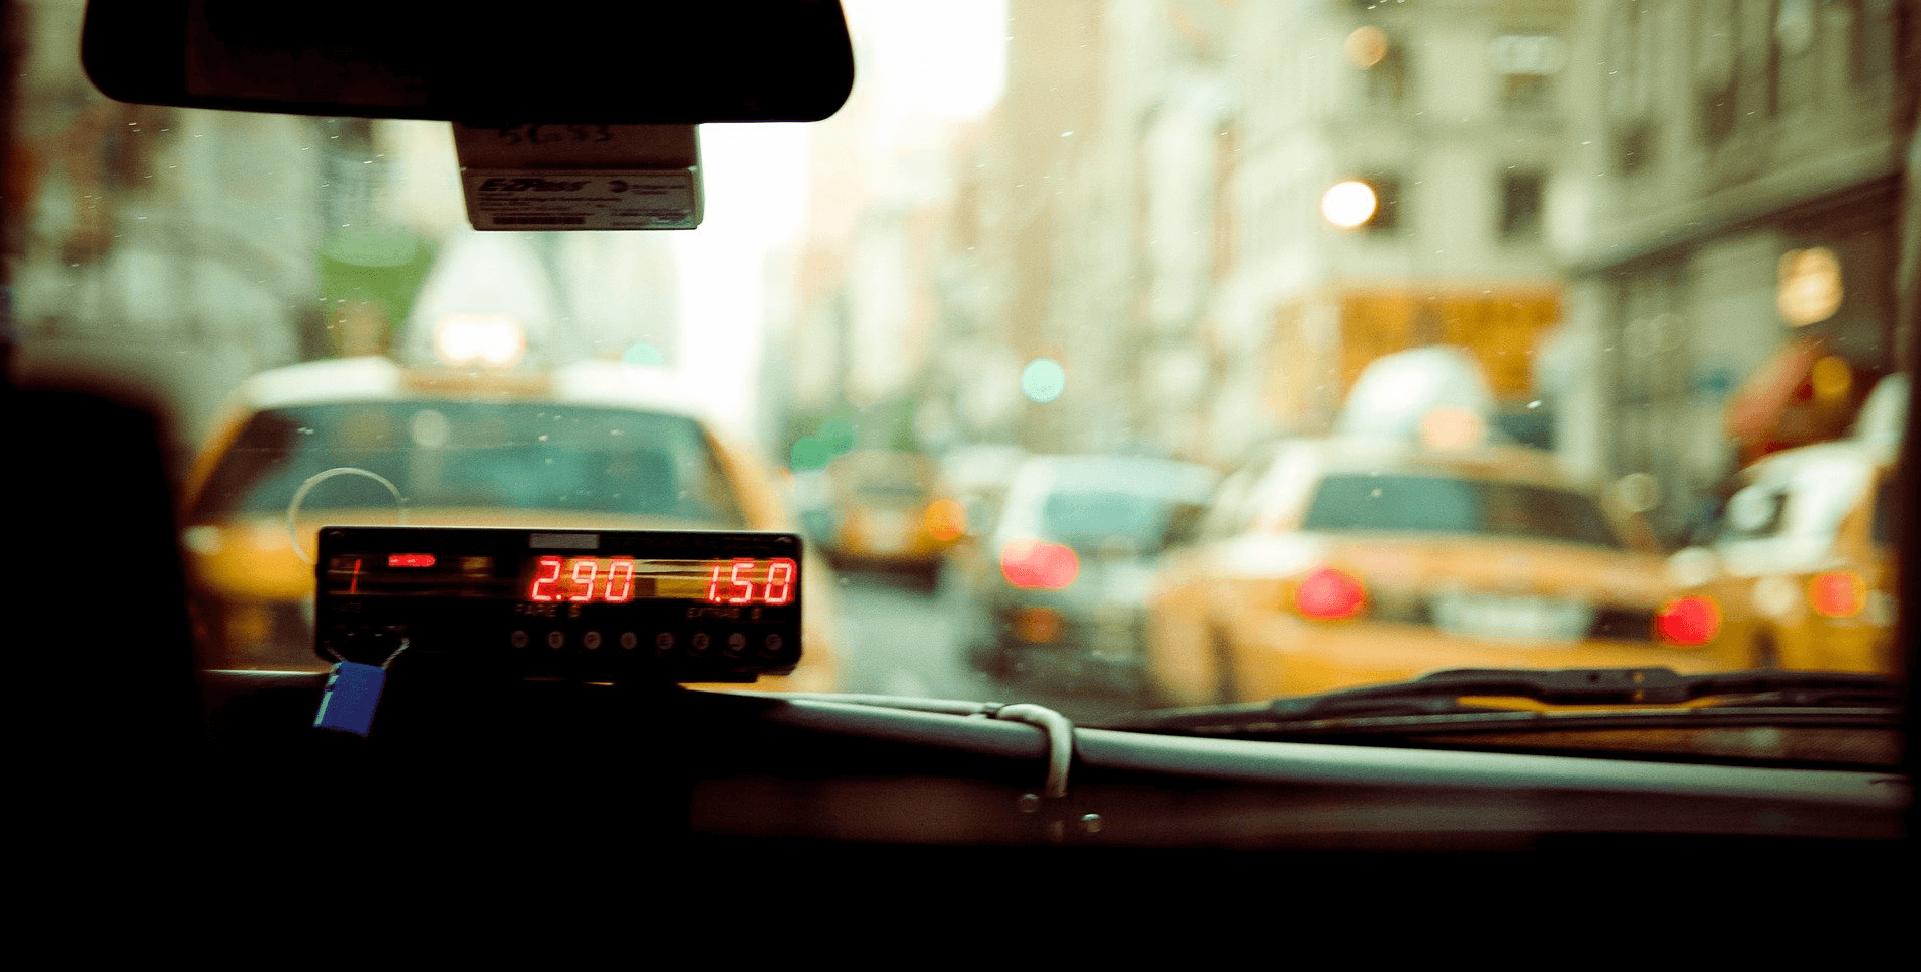 Legalización taximetros reforma